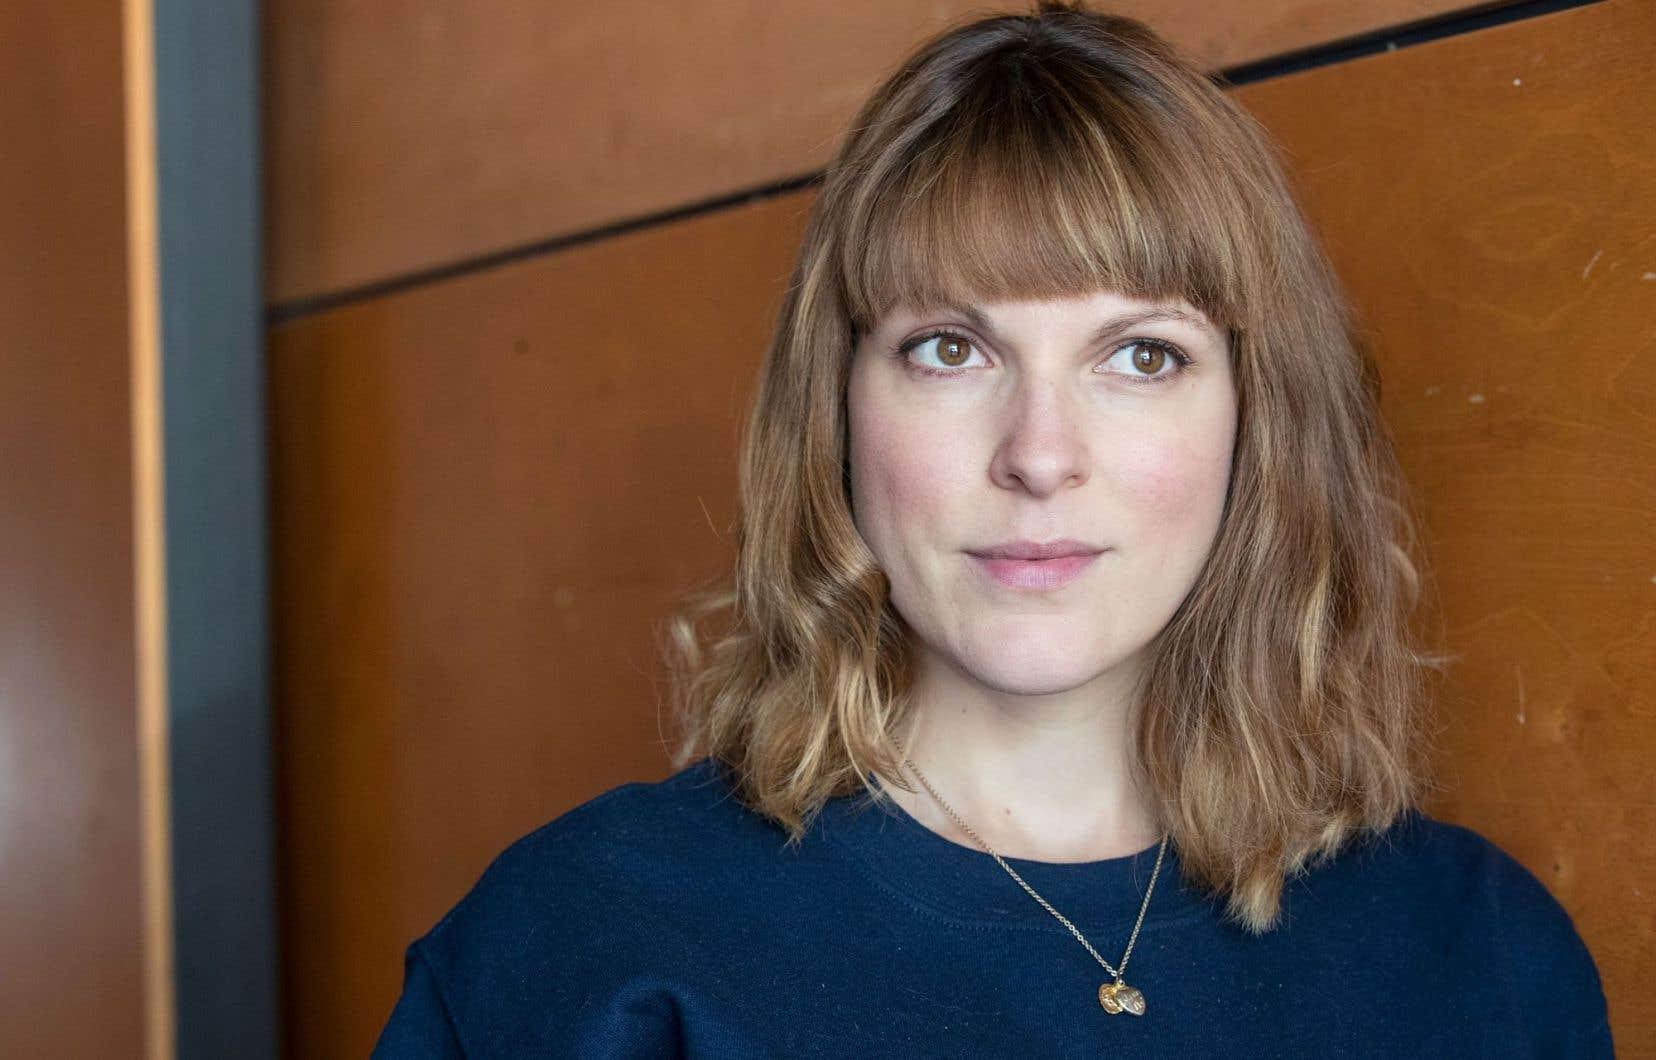 La dramaturge Rachel Graton croit beaucoup au pouvoir de l'émulation et de l'inspiration pour encourager les créatrices à prendre leur place.